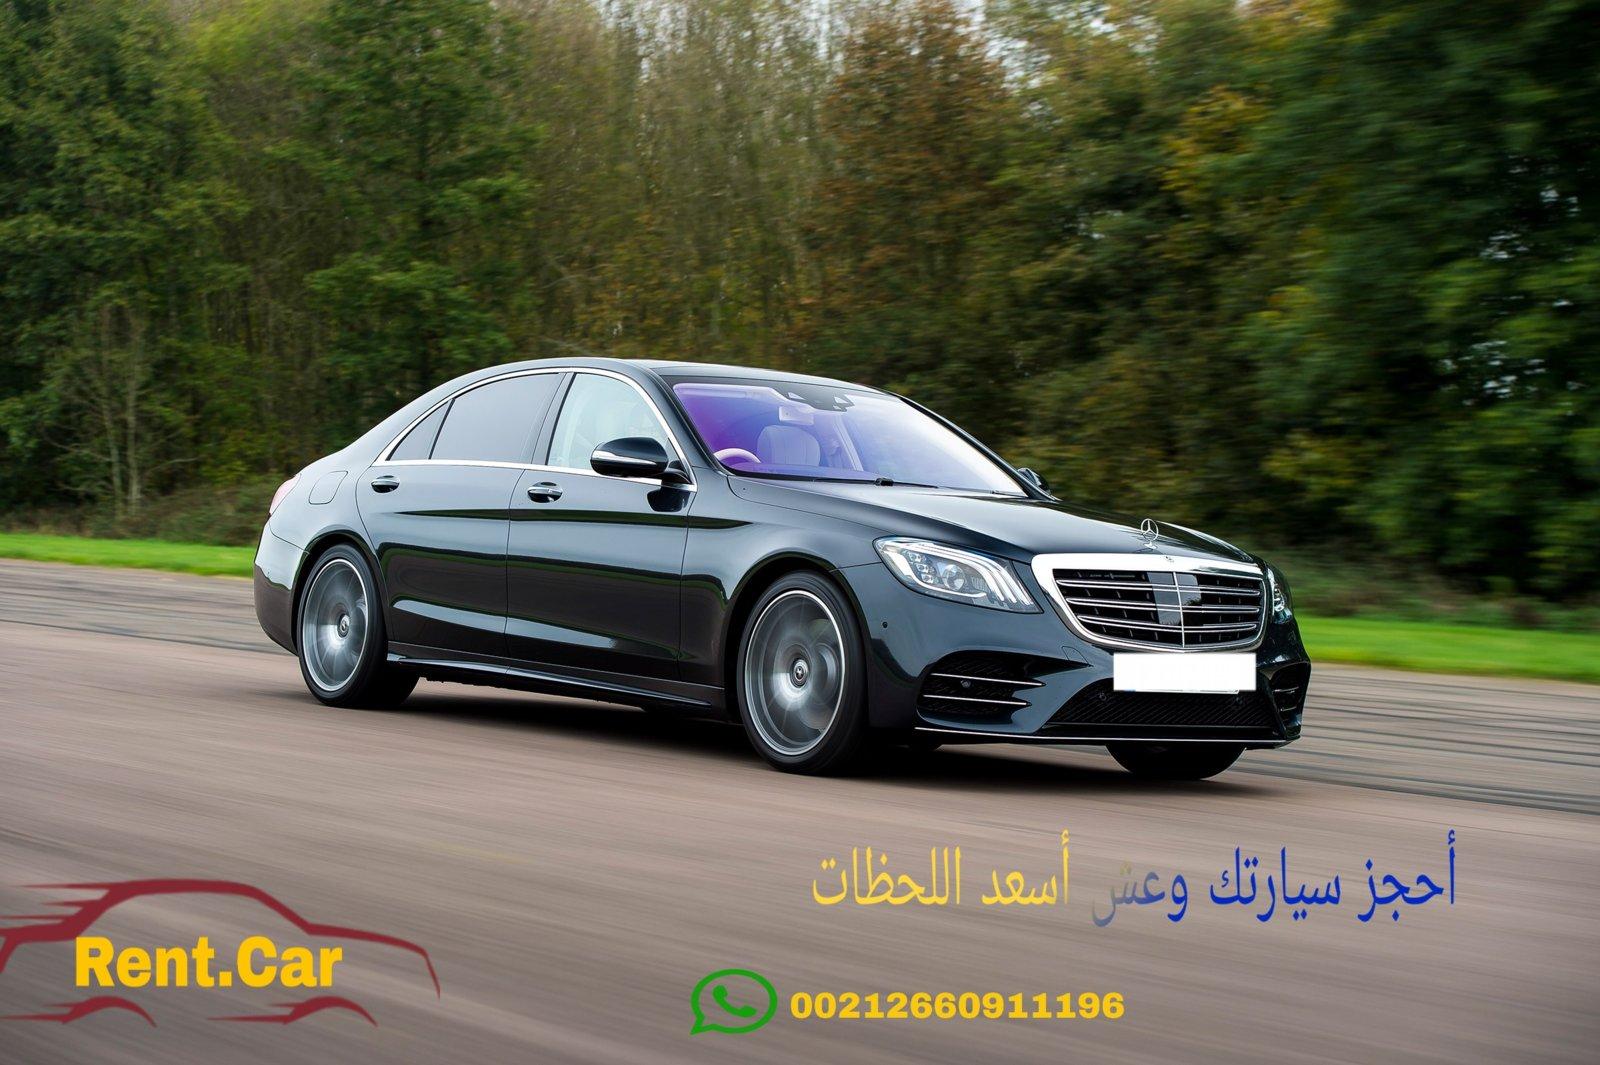 702775 المسافرون العرب تأجير سيارات في المغرب عرض خاص